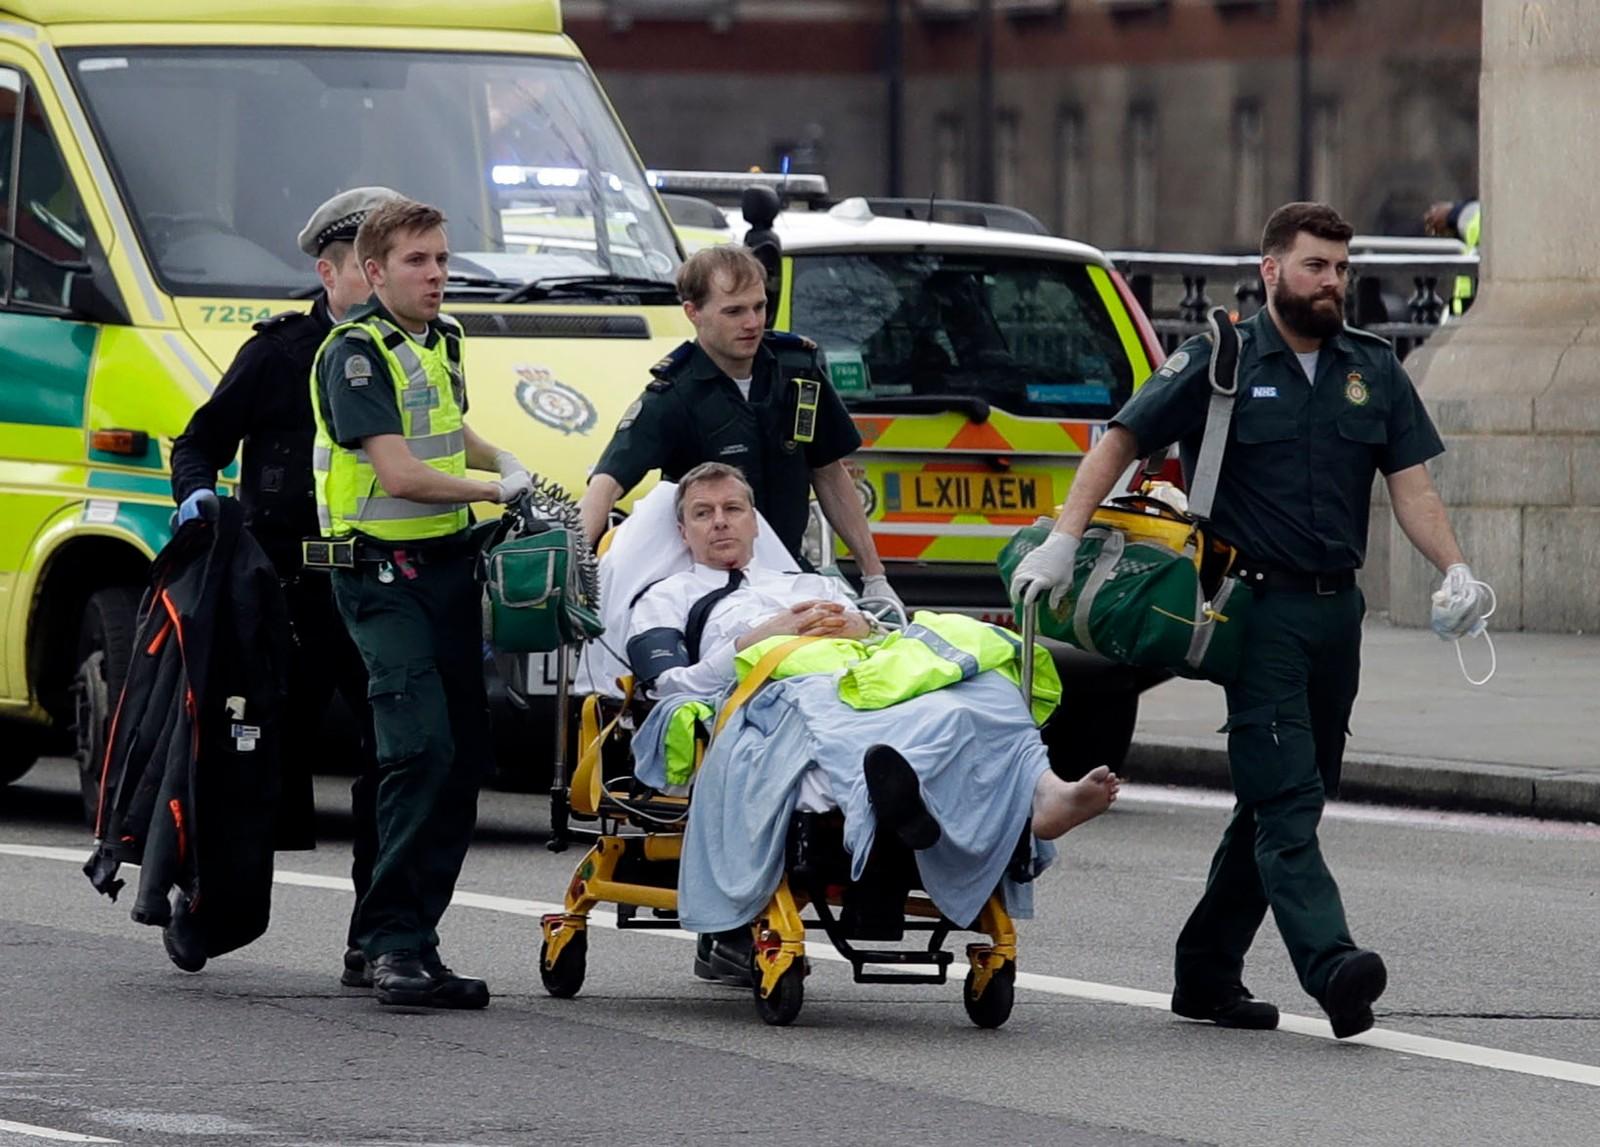 En skadd mann fraktes bort på båre.